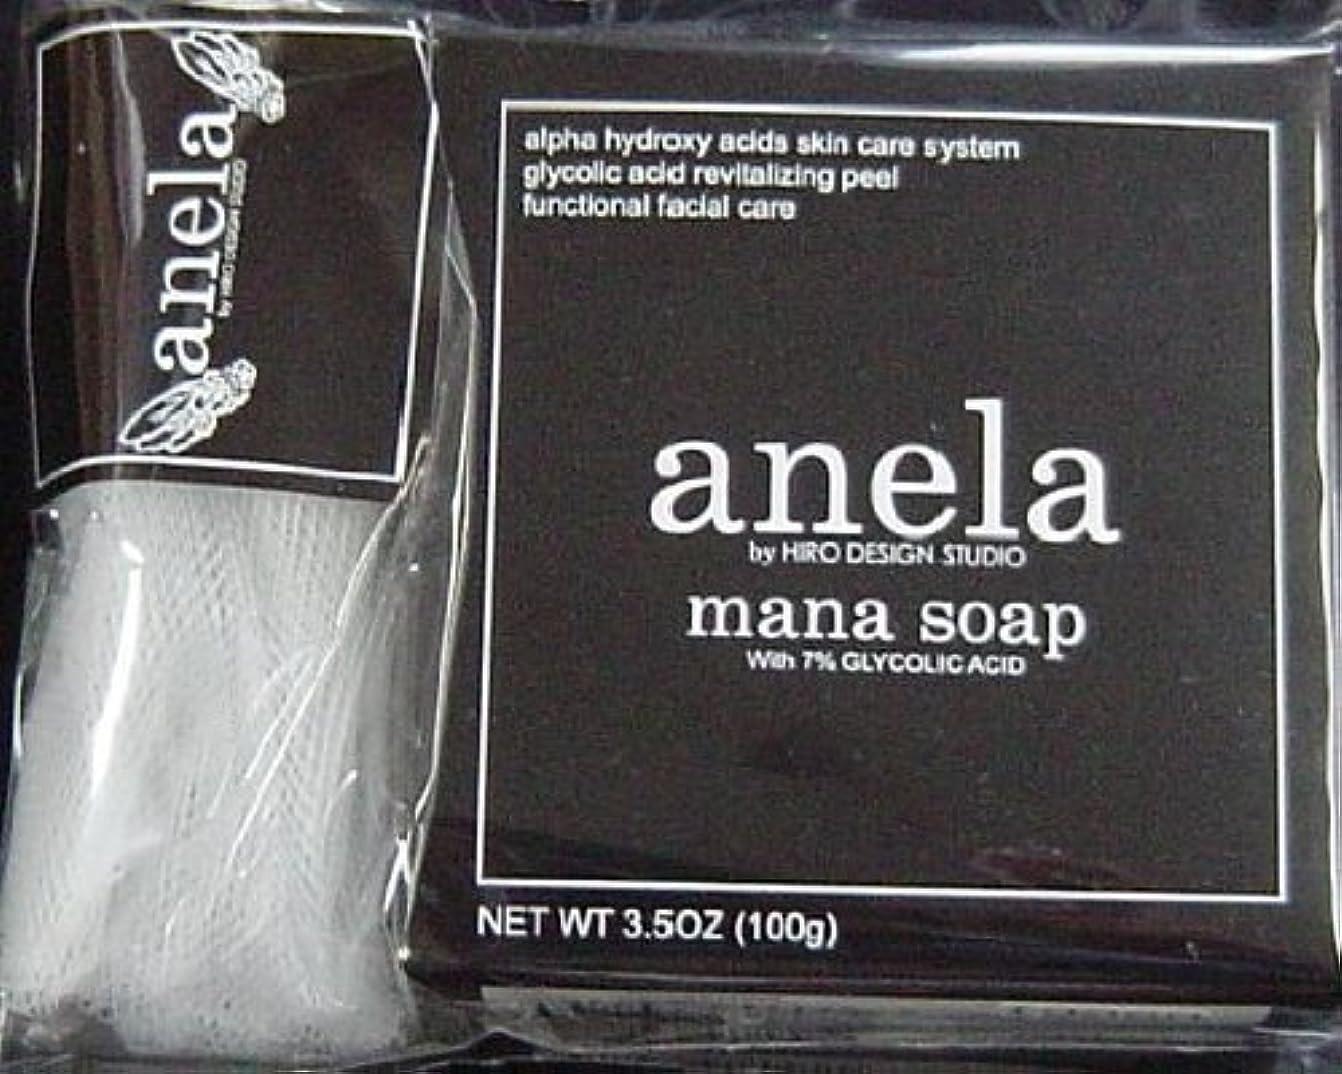 ボウリングベリ主導権anela アネラ マナソープ(泡立てネット付き) 100g ×3個セット